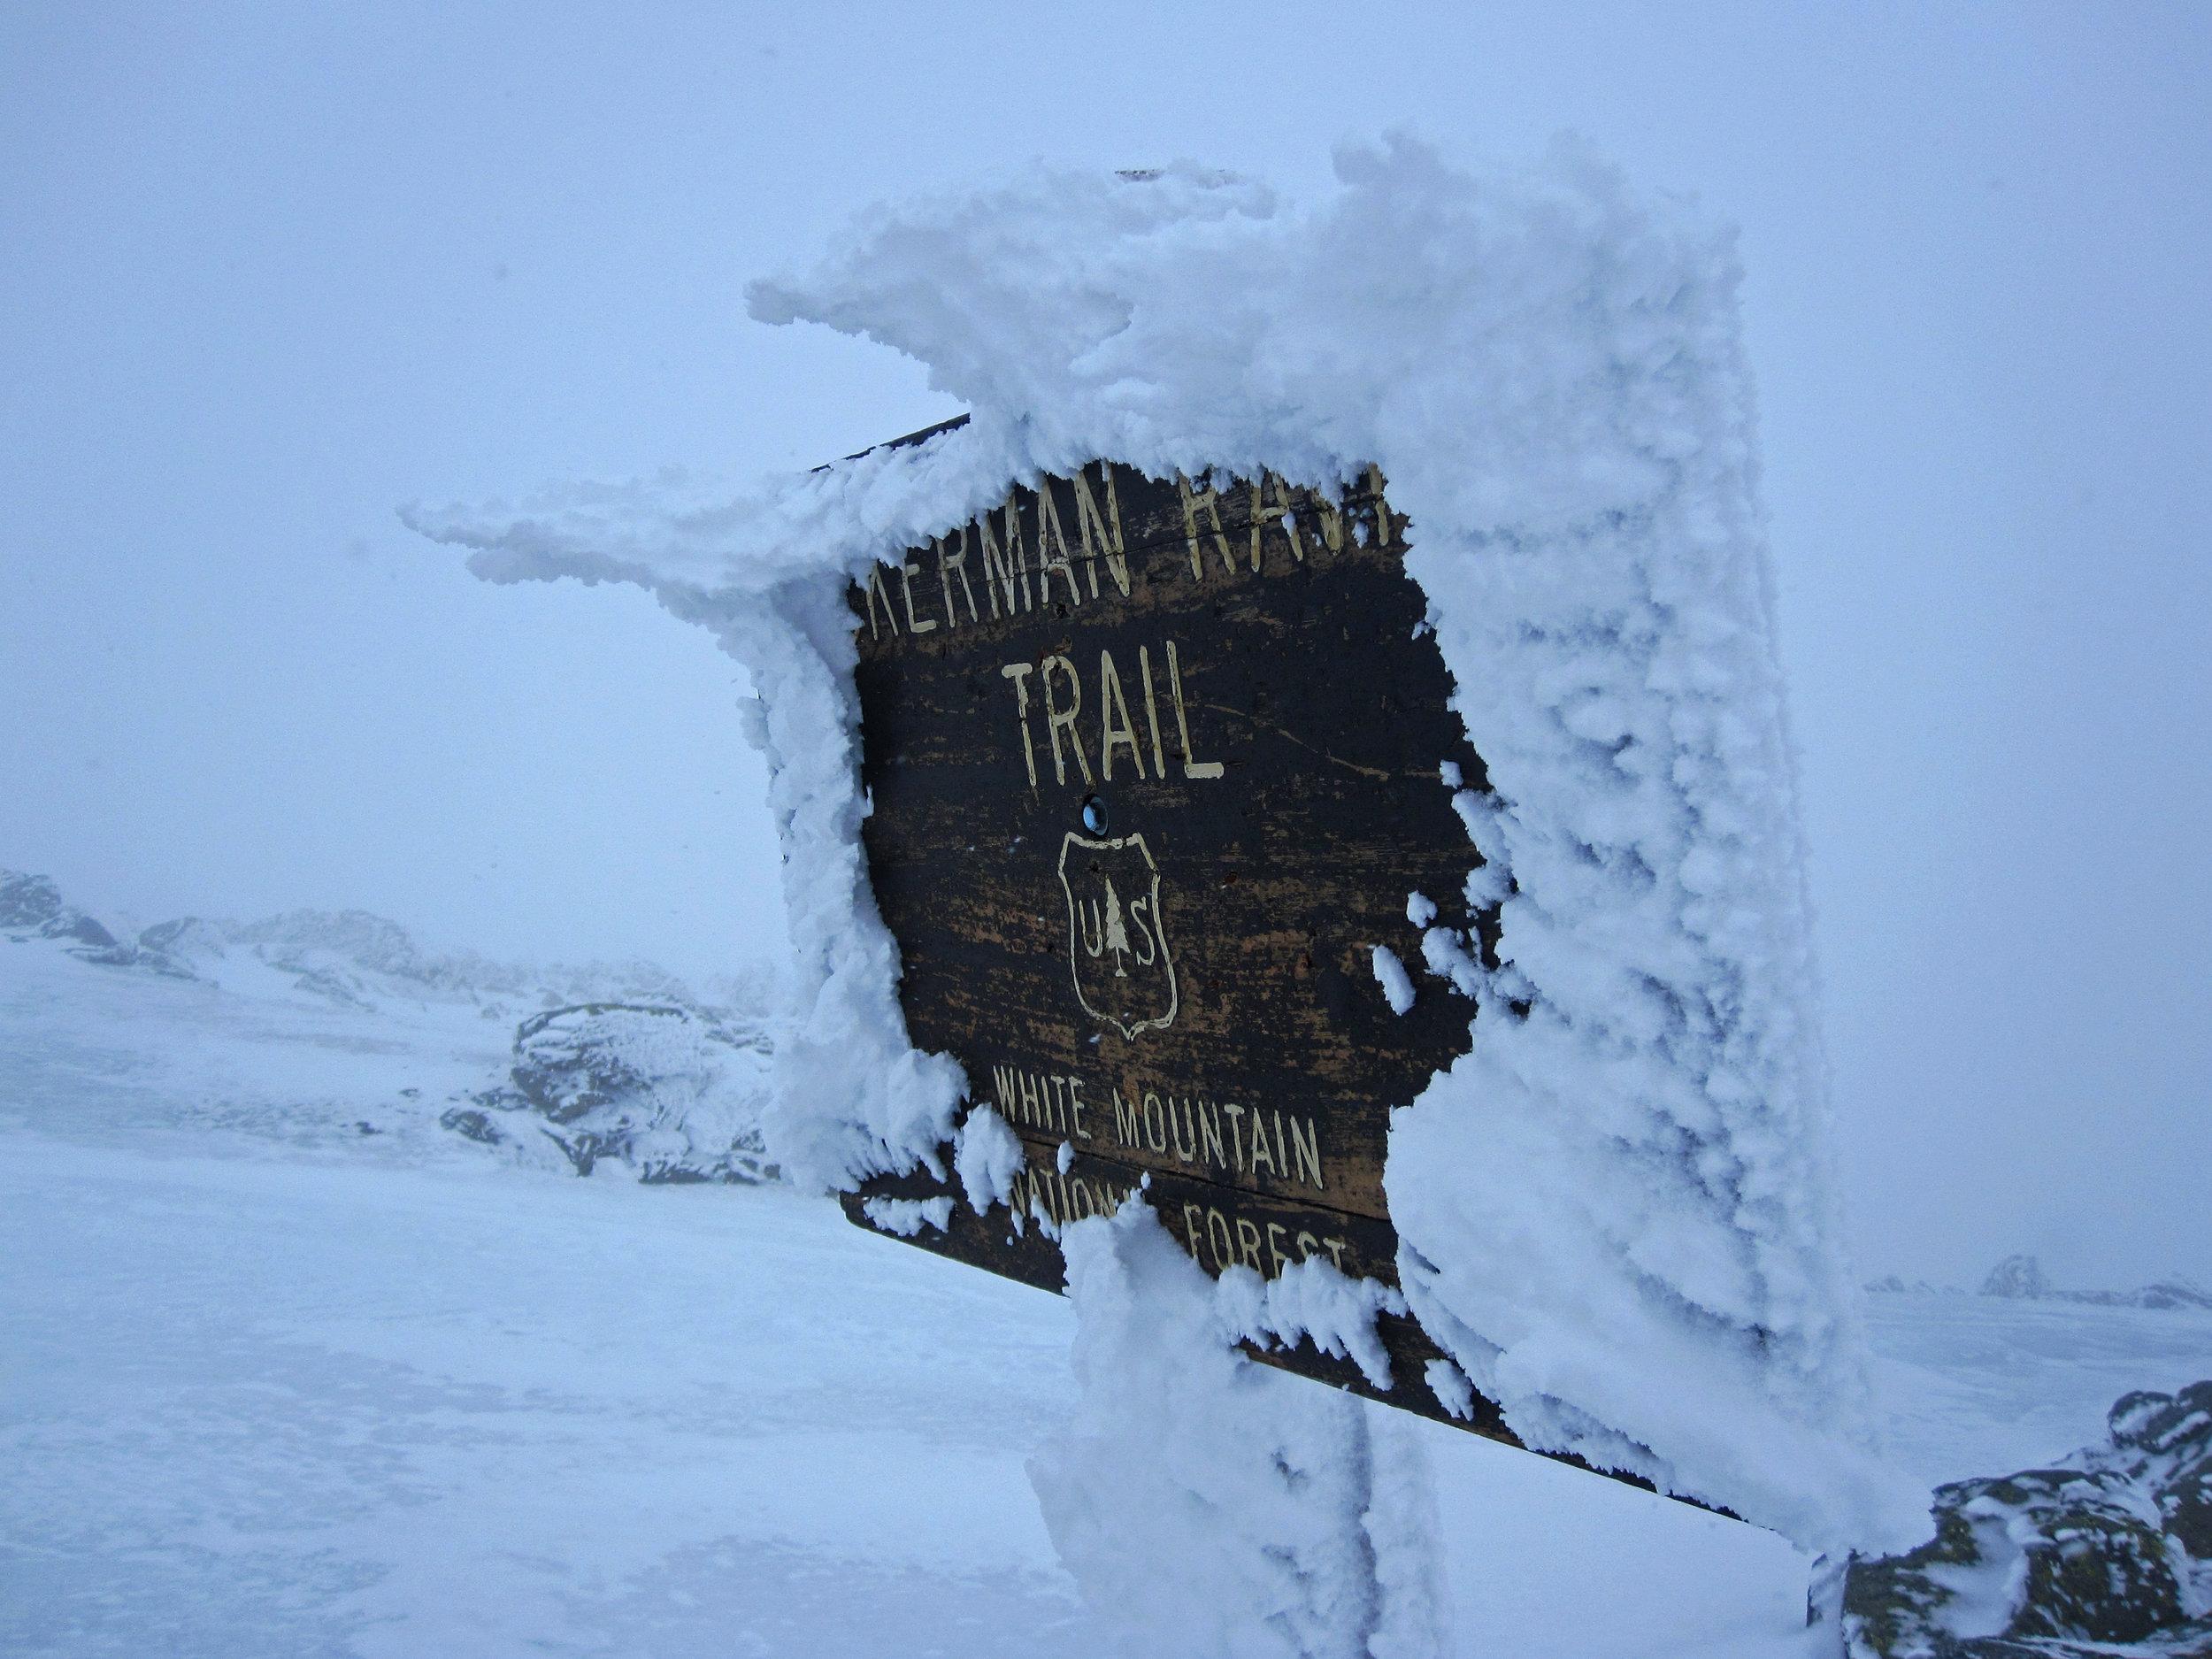 Rime Ice on the Tuckerman Ravine Trail